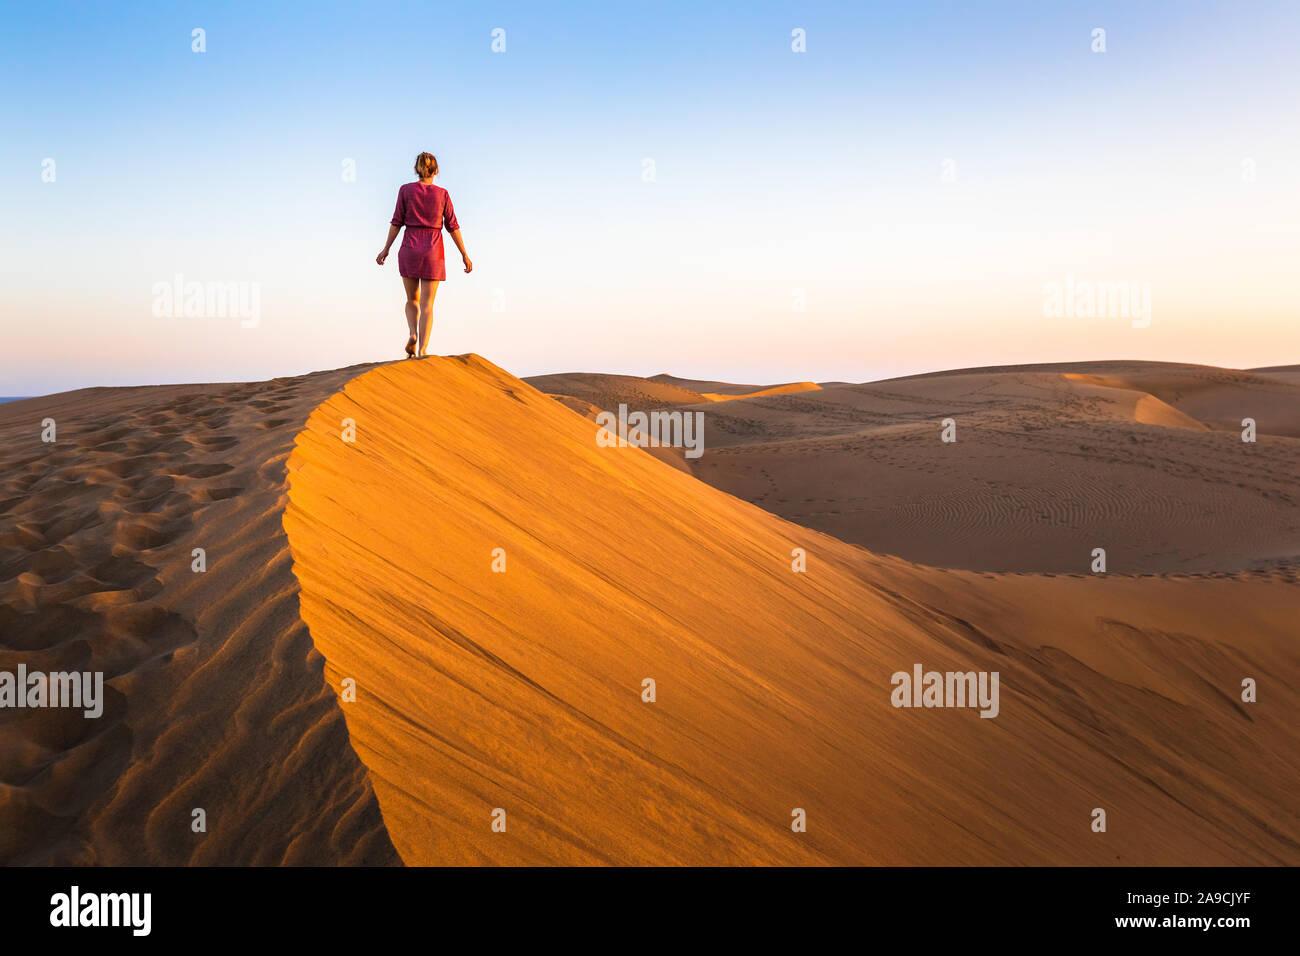 Fille qui marche sur les dunes de désert aride au coucher du soleil et le port de robe, paysage pittoresque de Sahara ou Moyen Orient Banque D'Images